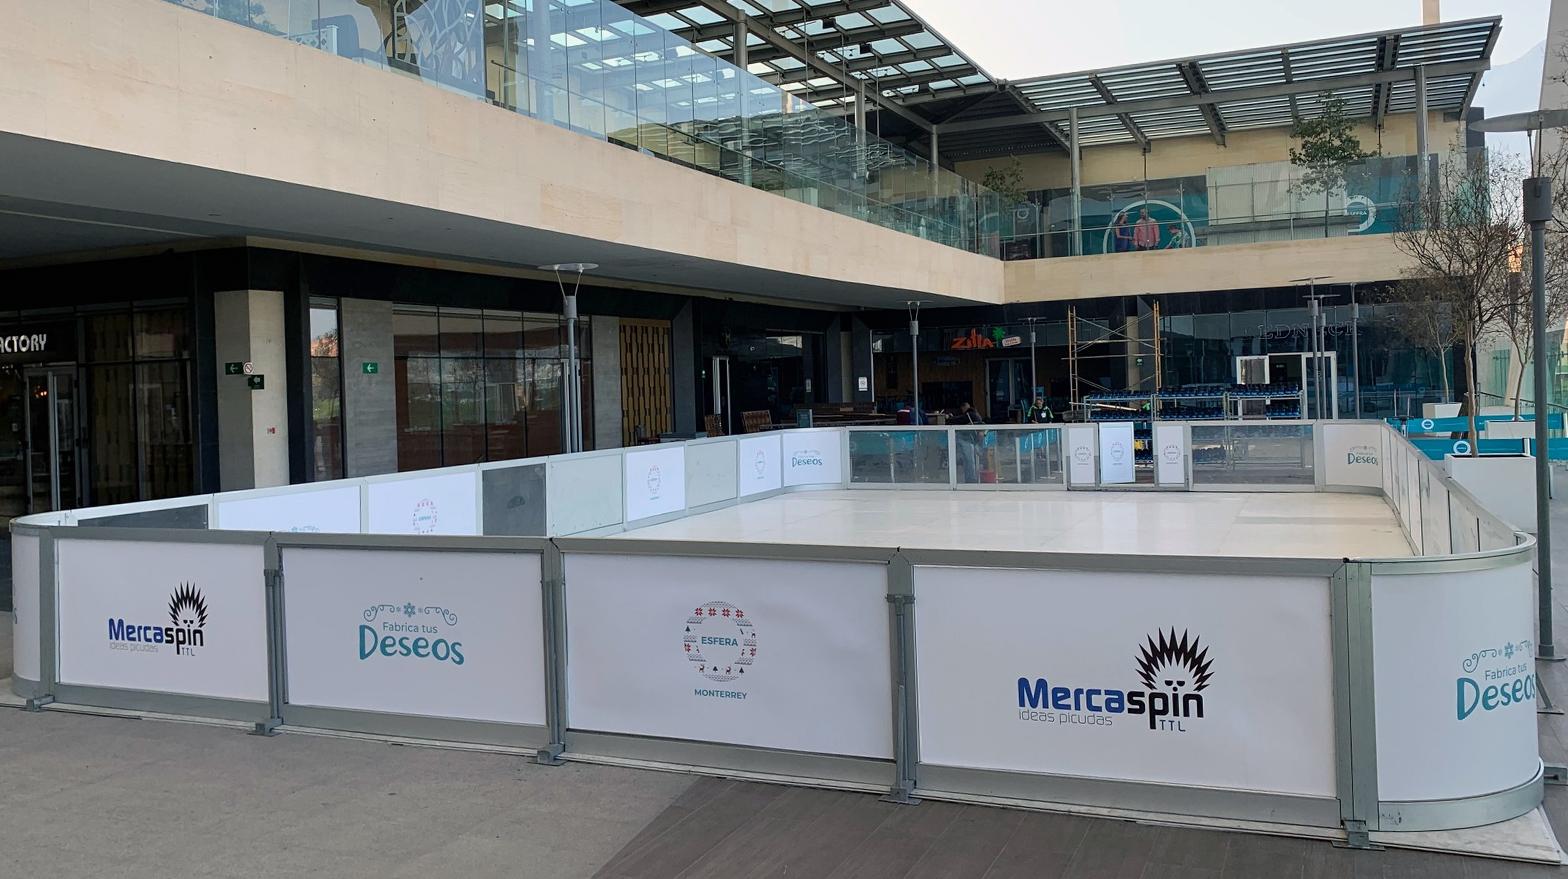 Llega pista de patinaje gratis a Esfera Monterrey